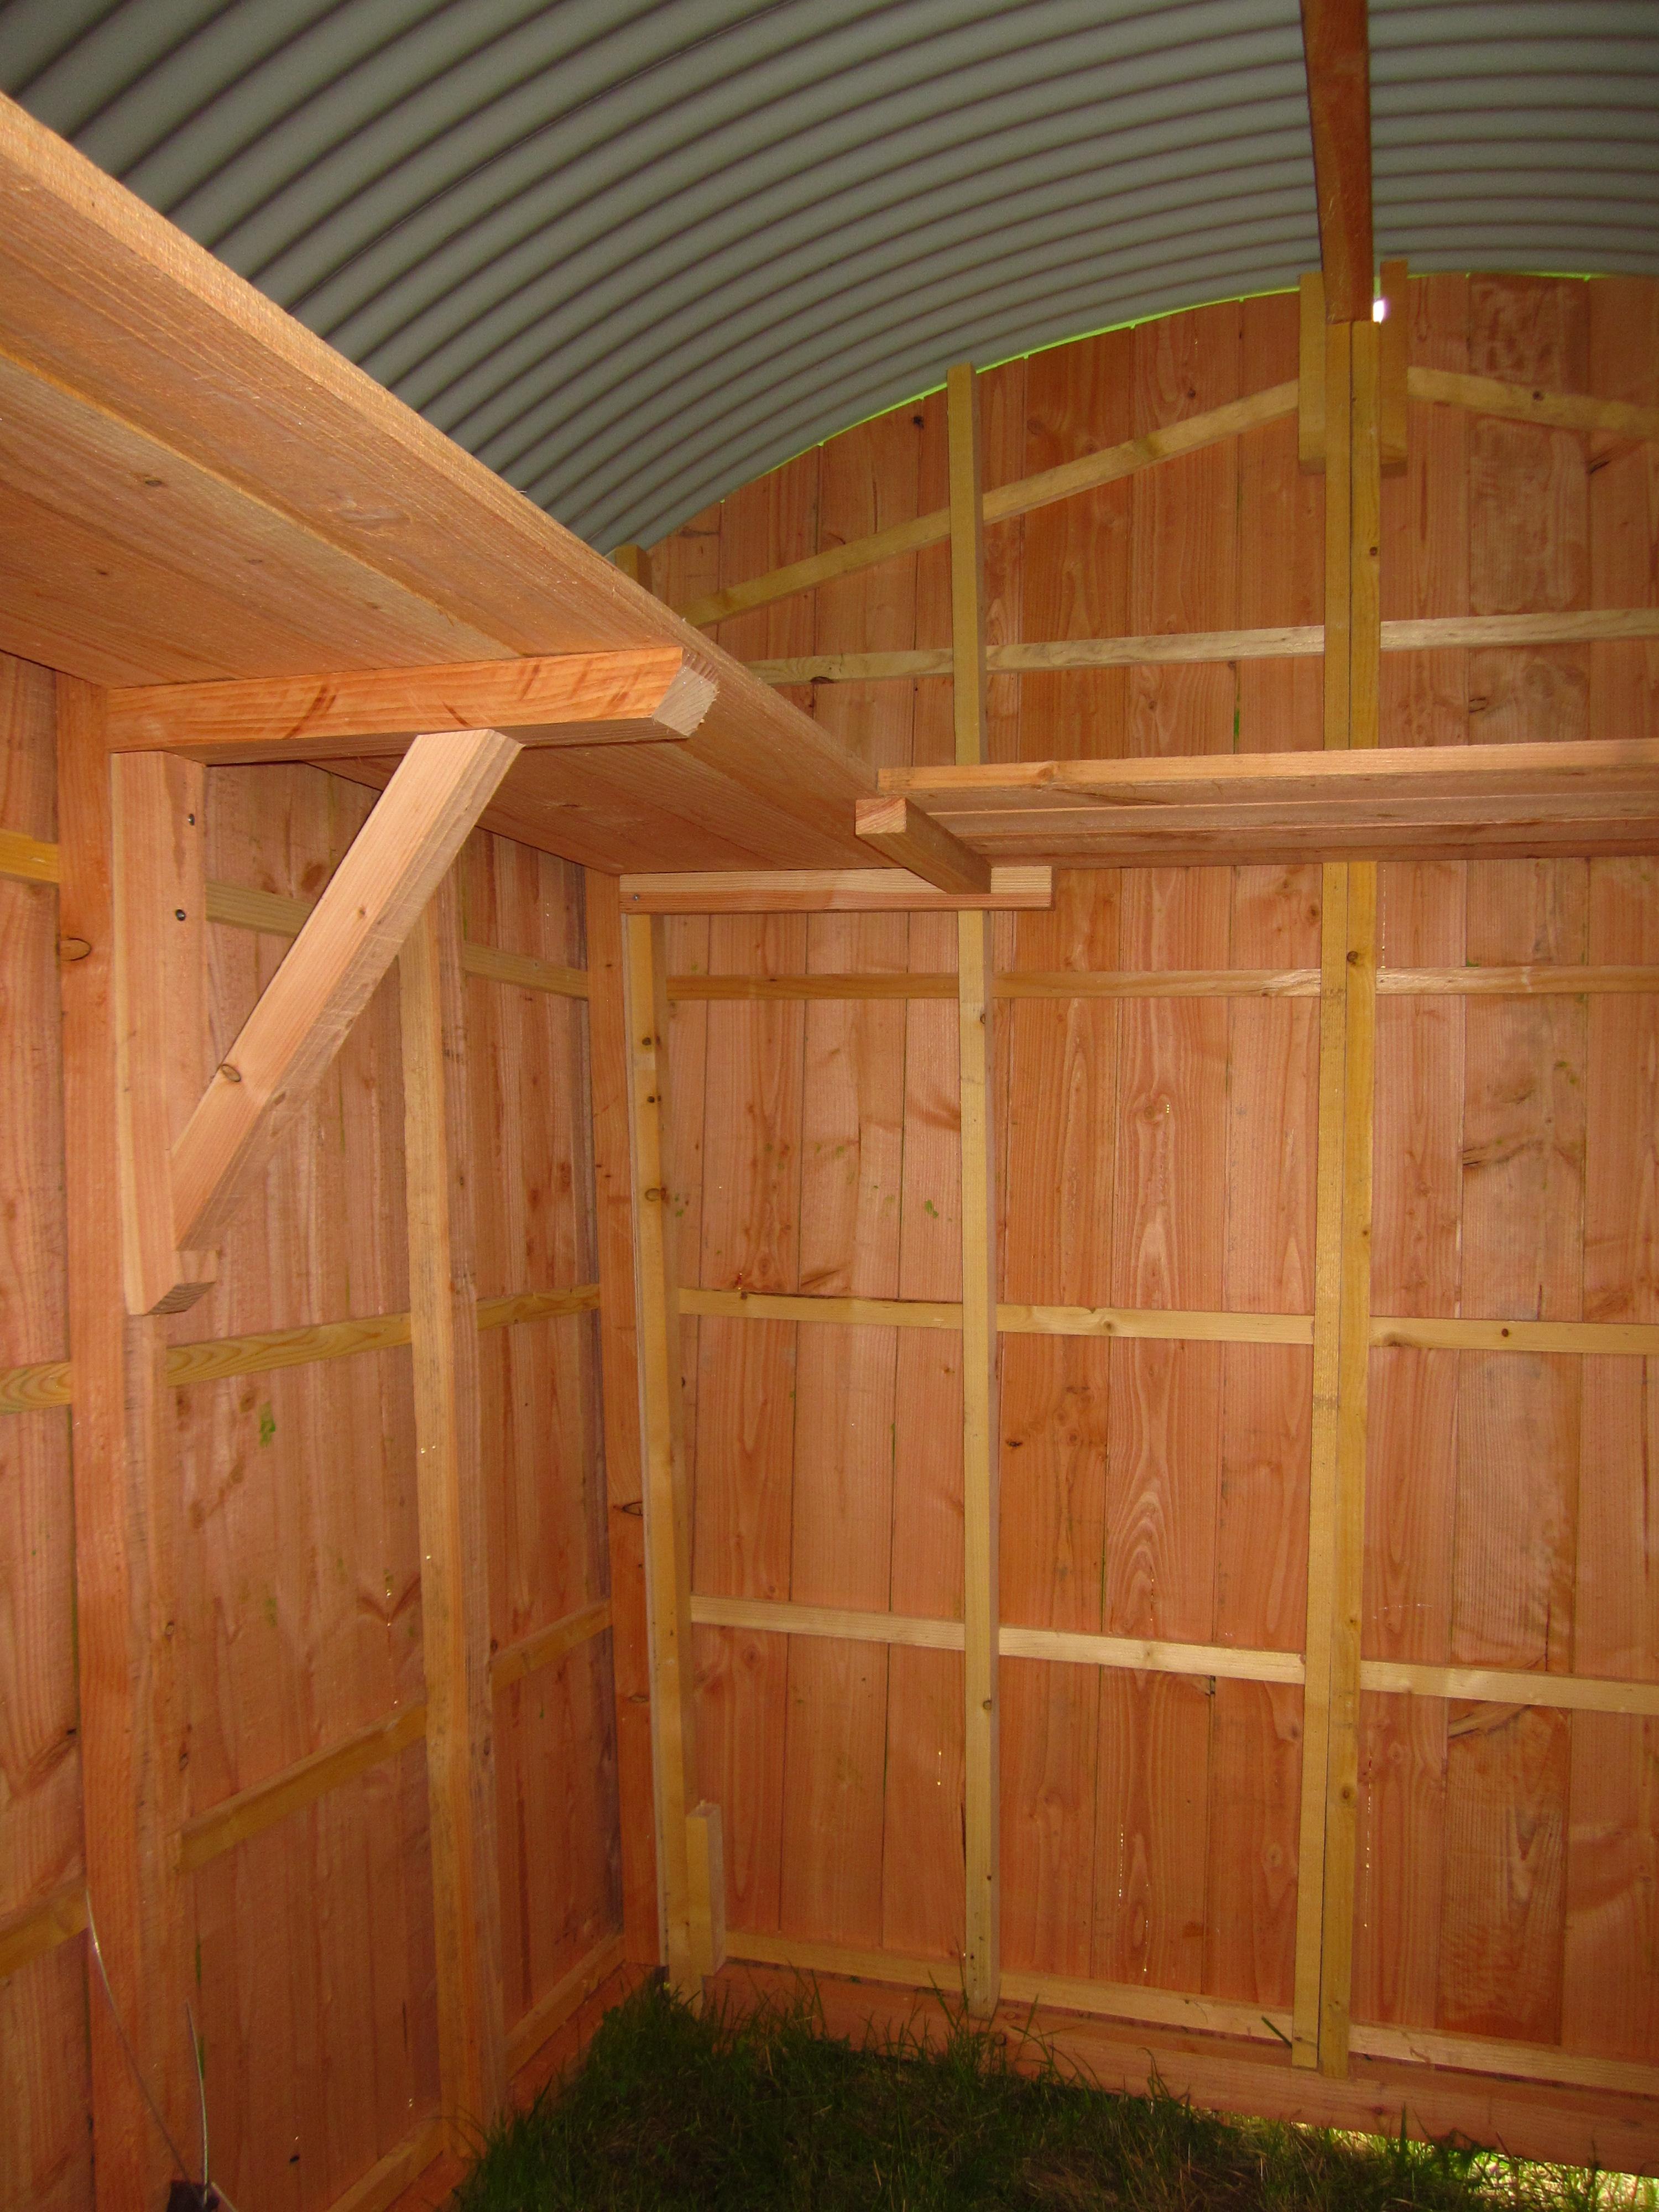 d coration cabane jardin contemporaine 98 toulon abri jardin bois pas cher 9m2 abris de. Black Bedroom Furniture Sets. Home Design Ideas